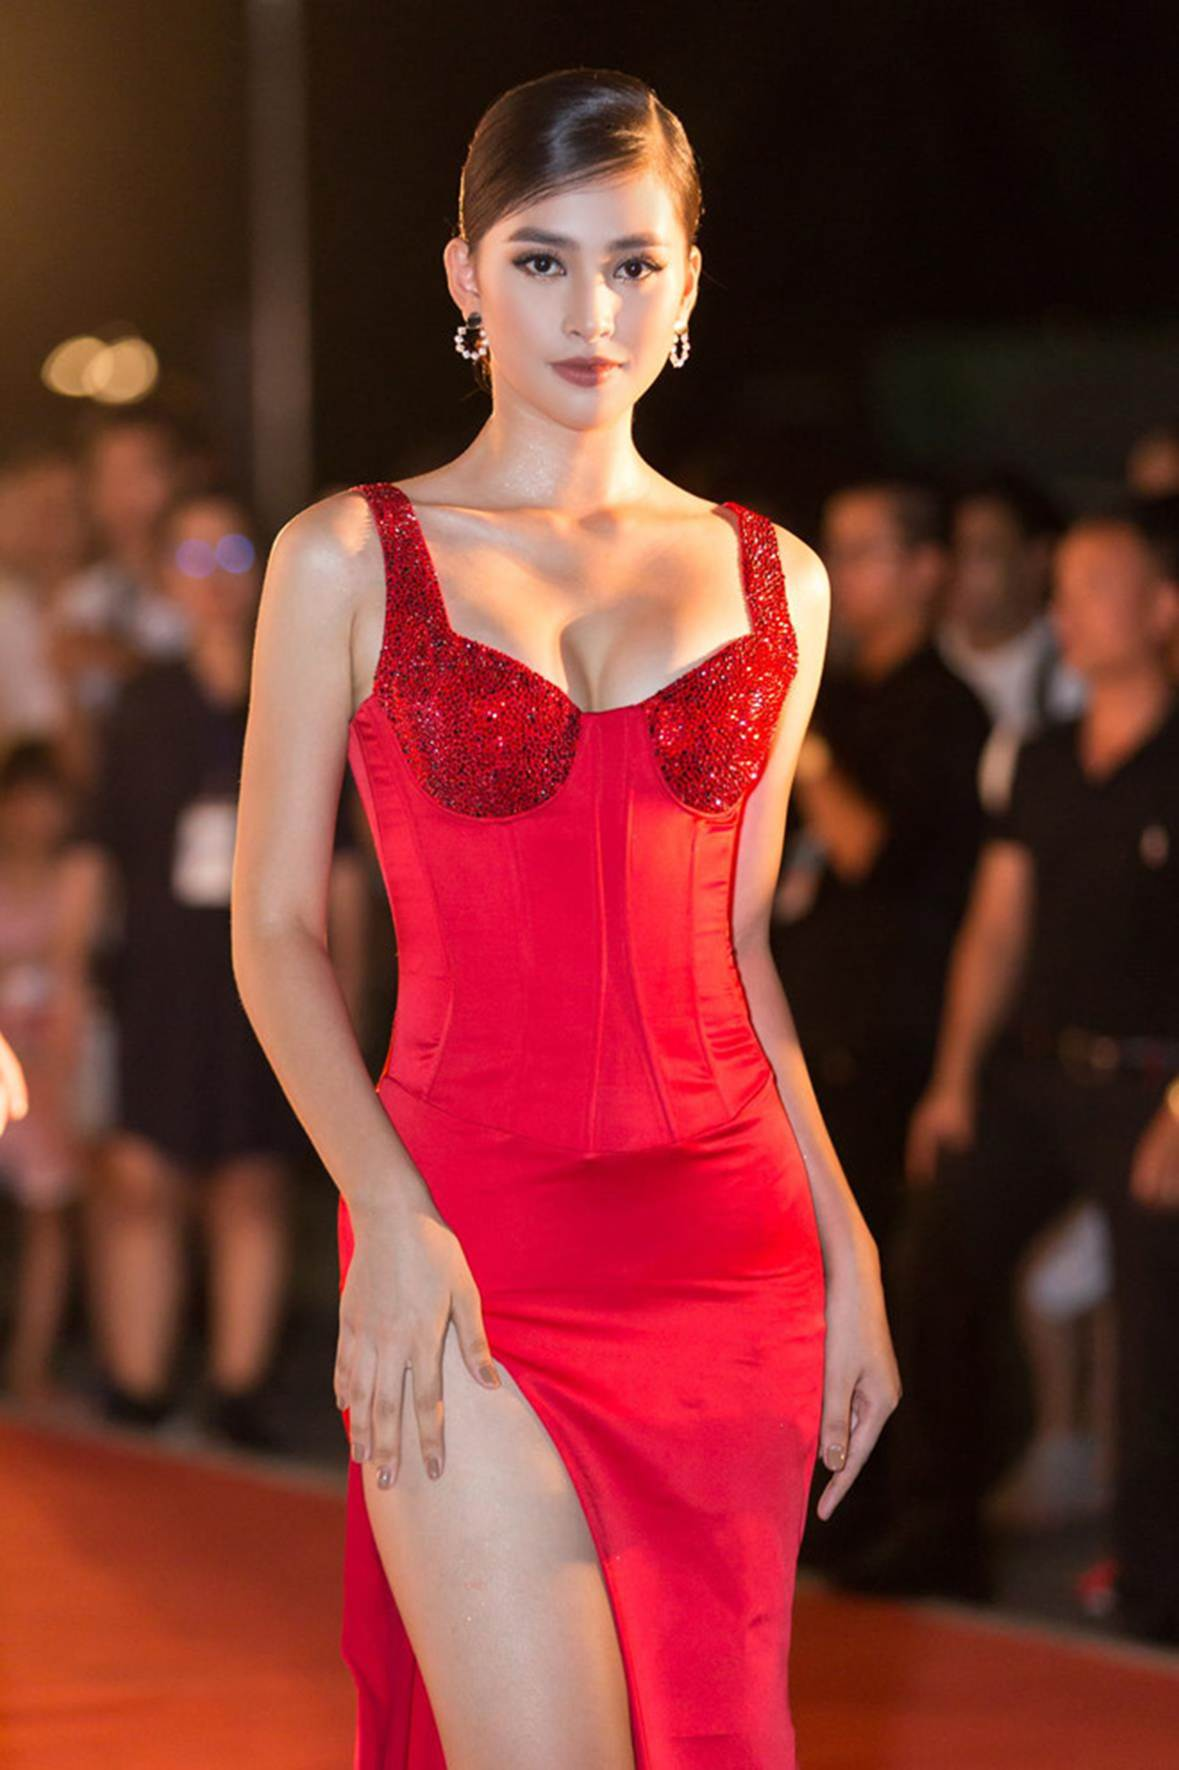 Hoa hậu Tiểu Vy ngày càng gợi cảm, táo bạo ở tuổi 19-1